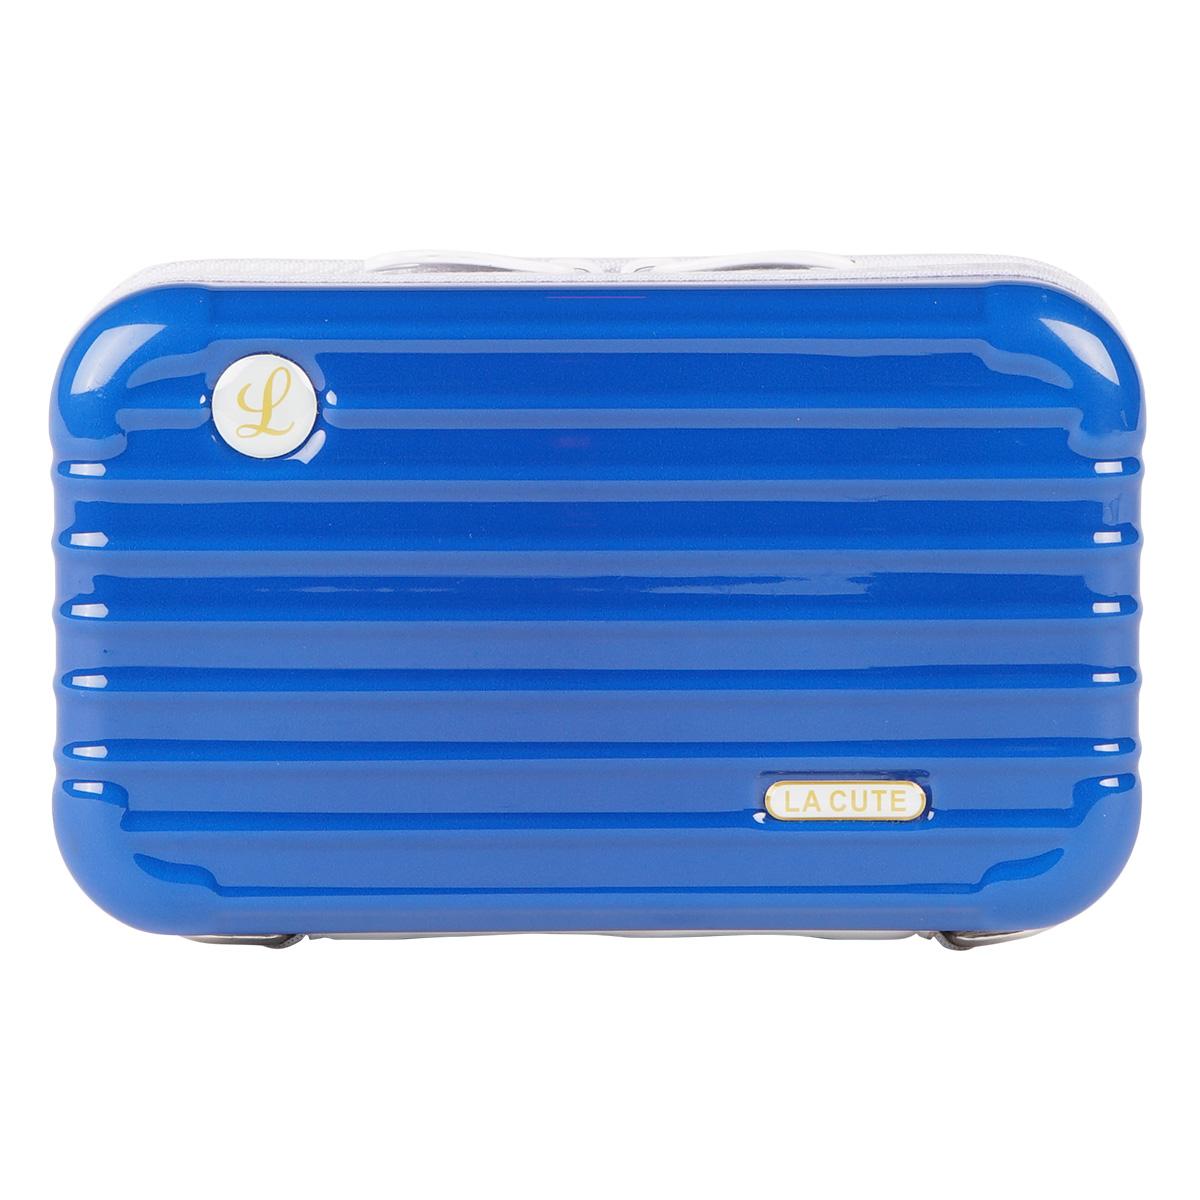 3WAYバイカラーミニトランクポーチ (BLUE×WHITE) LA19010002